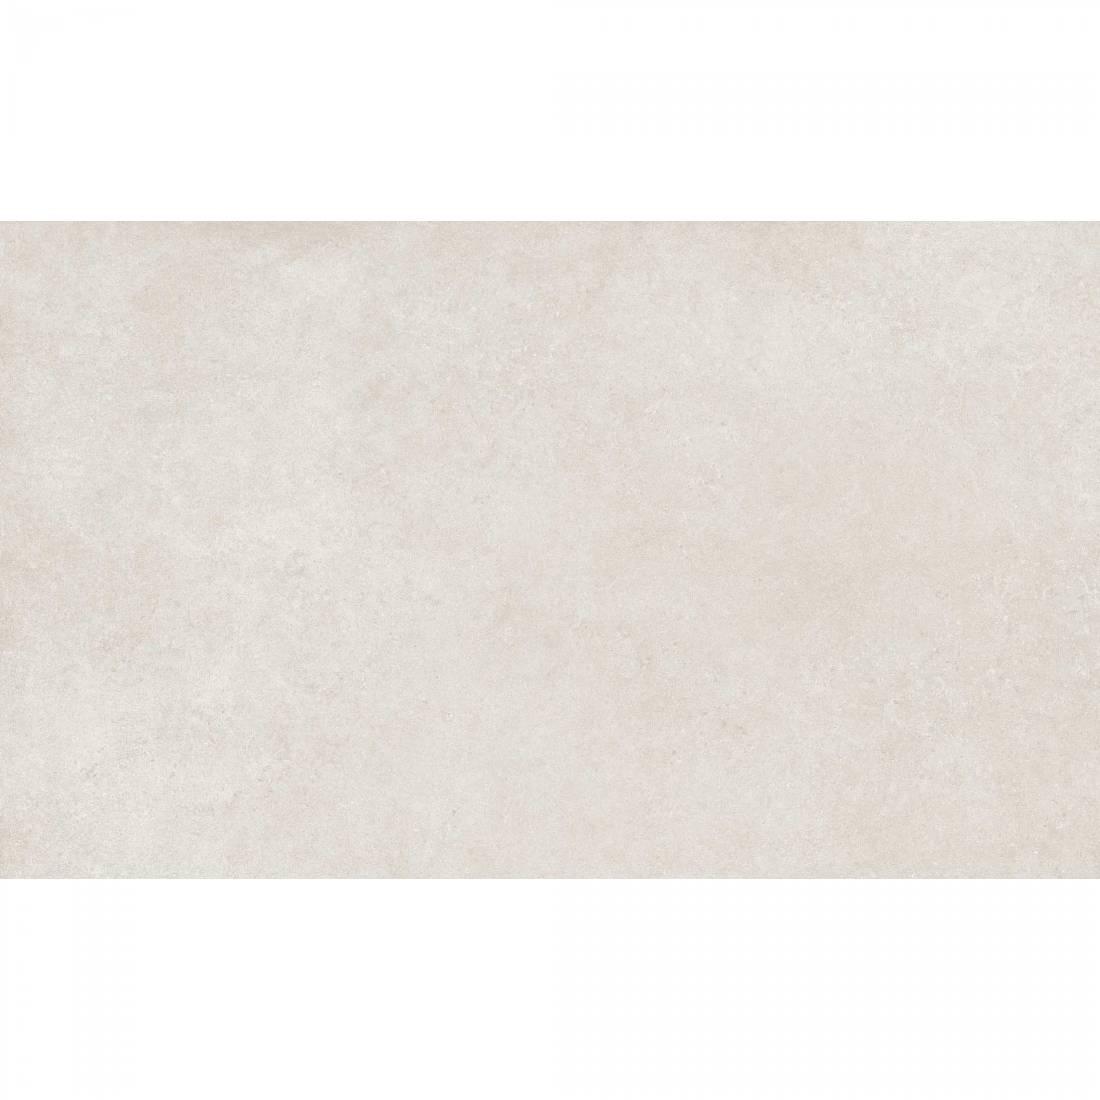 Belgravia 33.3x55 Marfil Matt 1